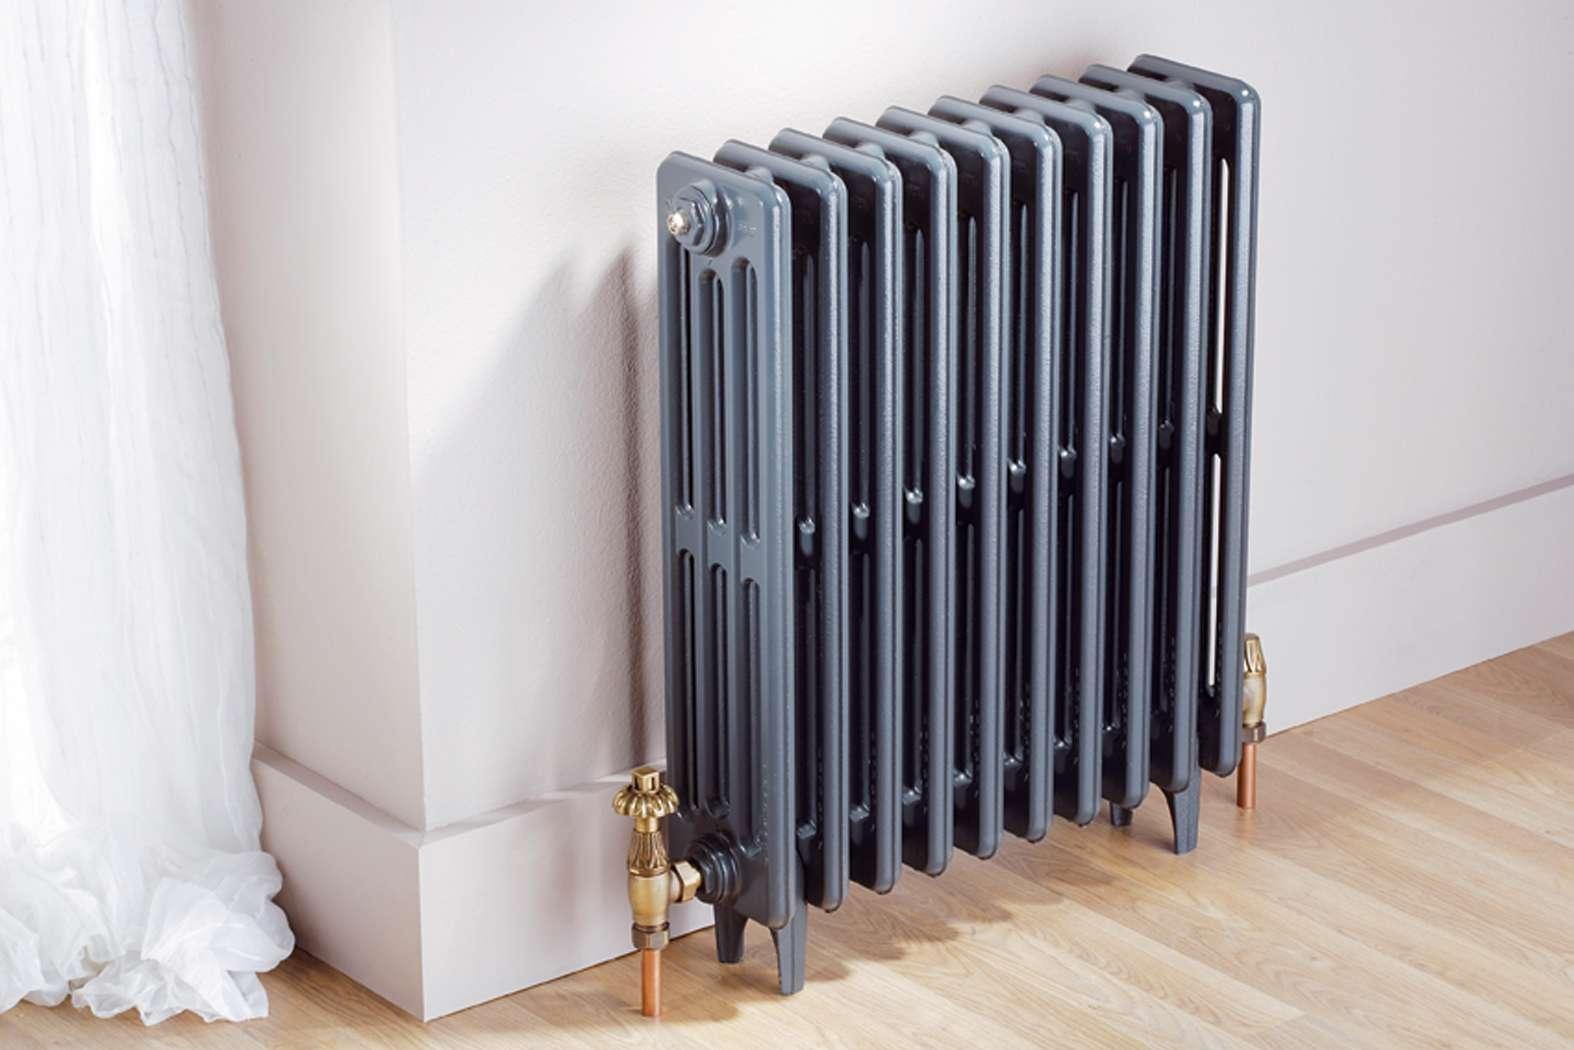 Правила установки радиаторов отопления инструкция